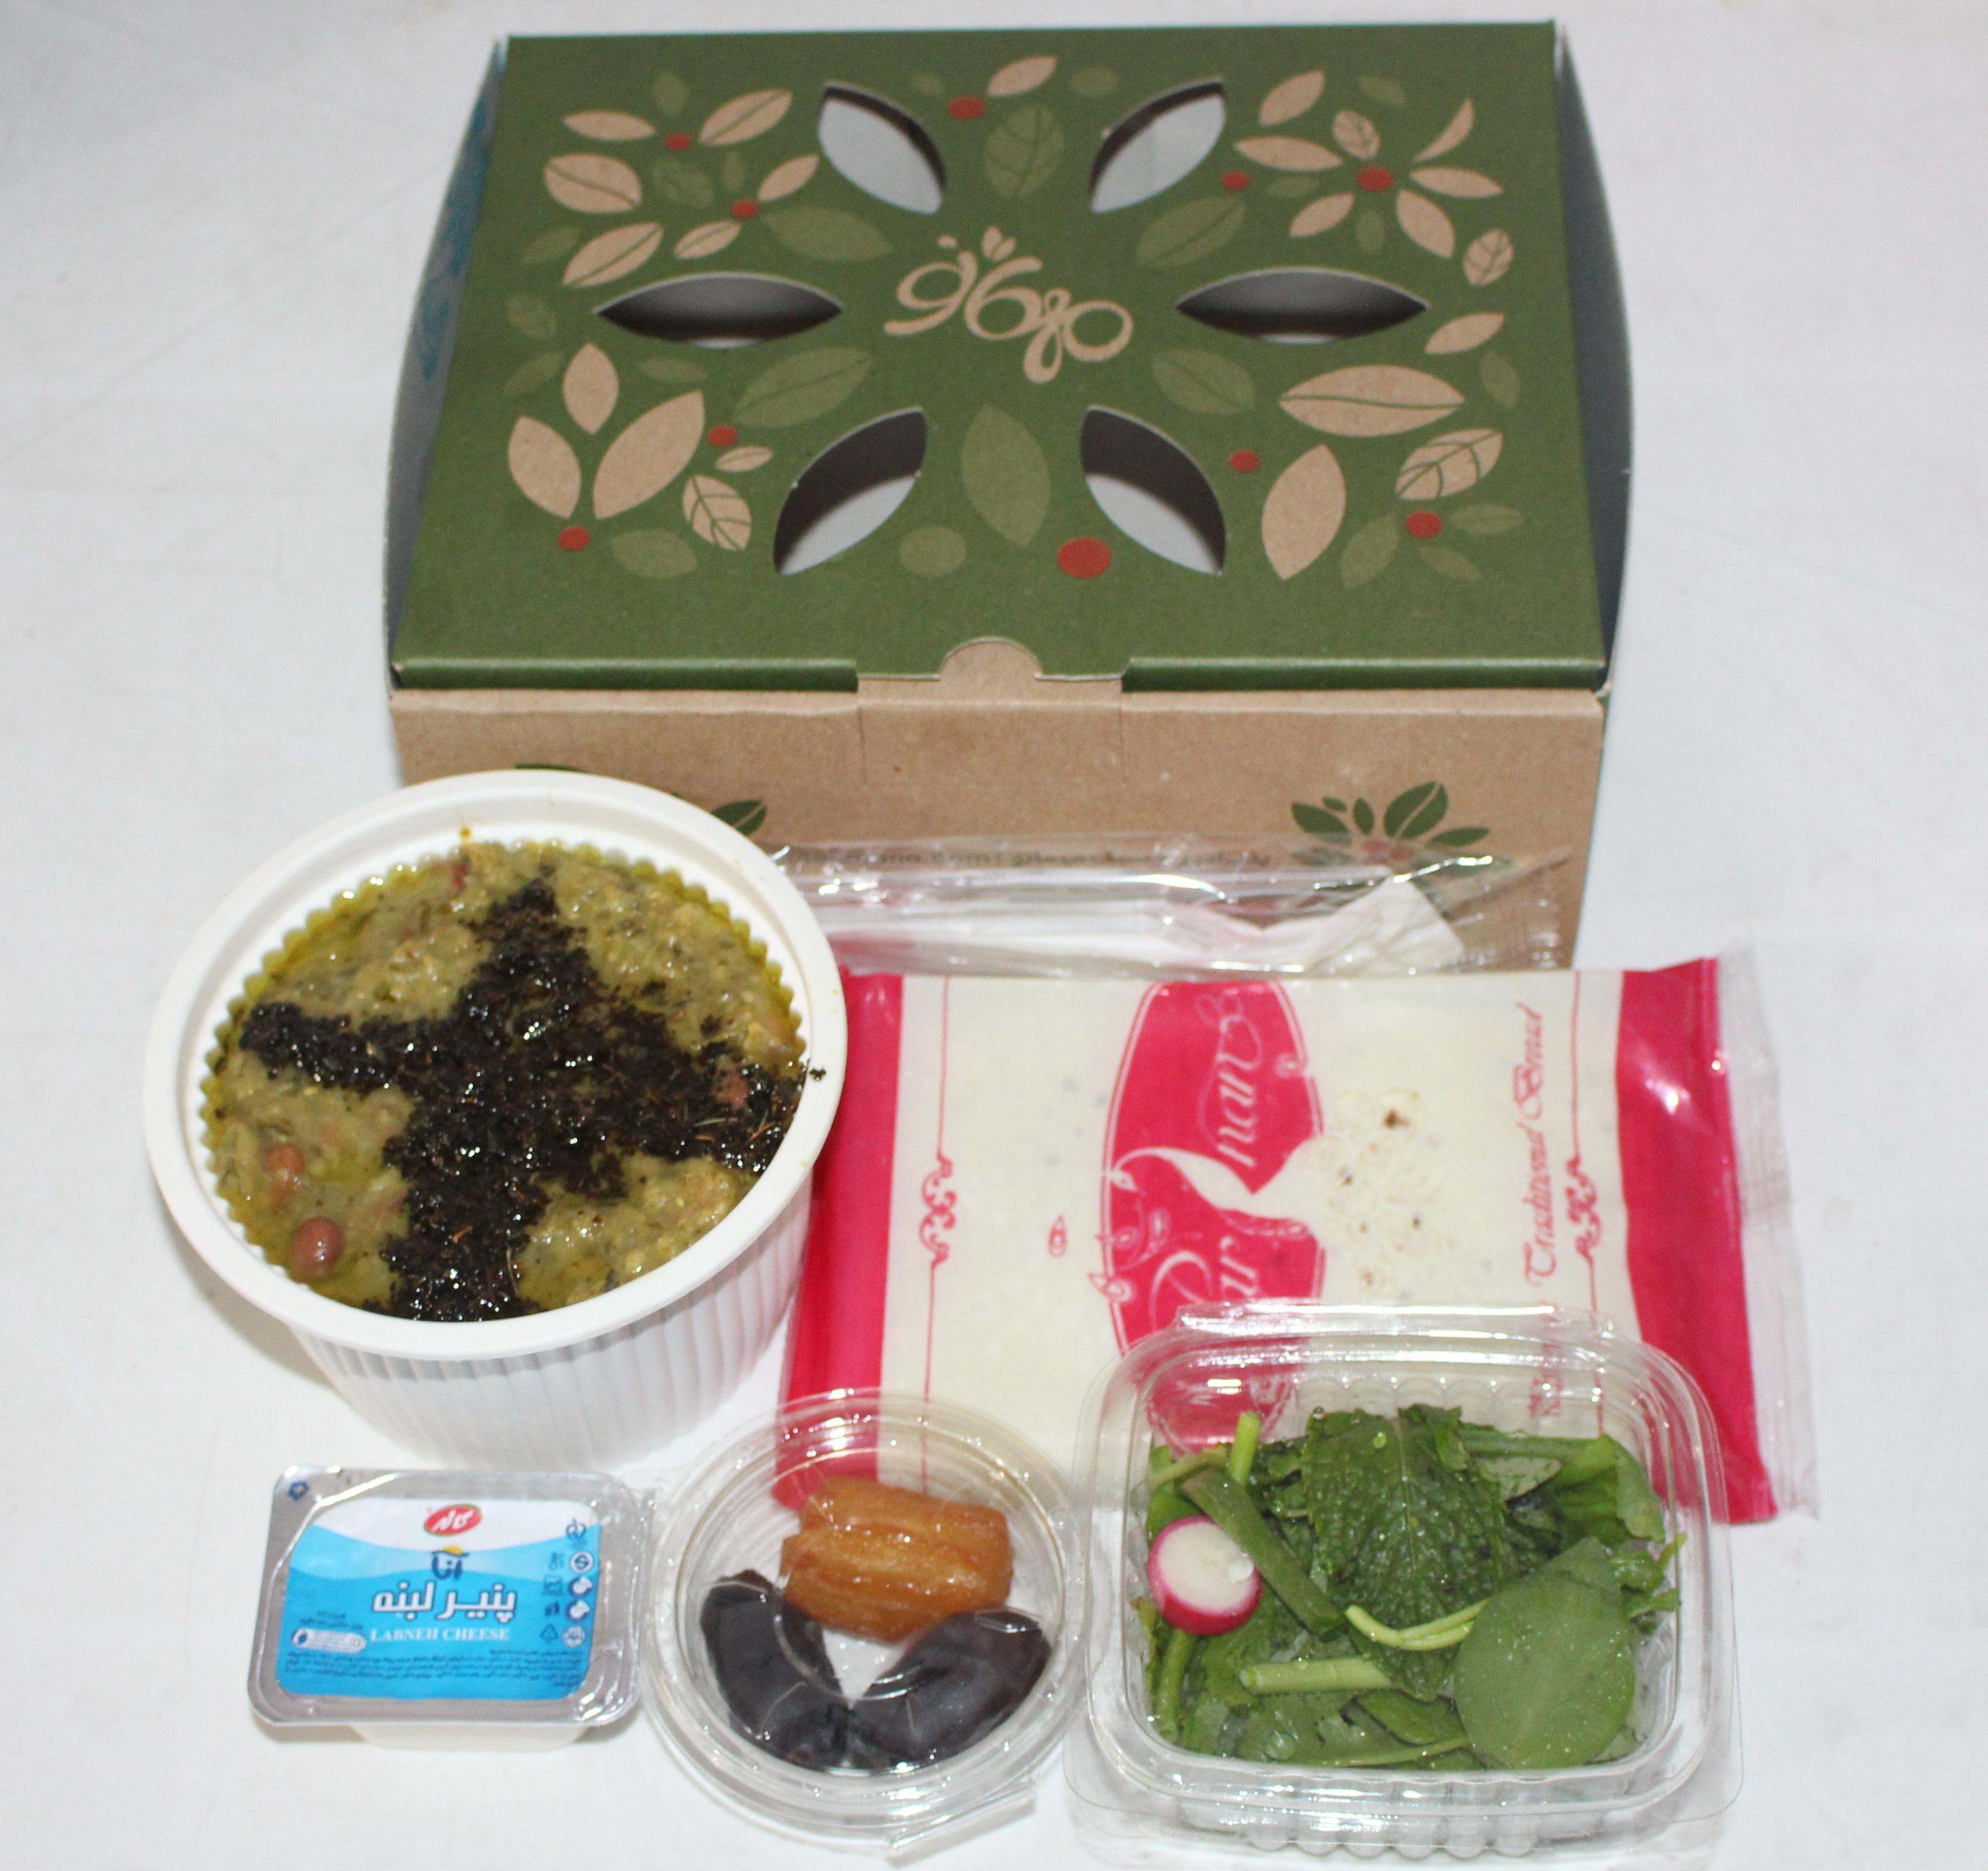 خرید آنلاین پک افطار ساده با قیمت مناسب